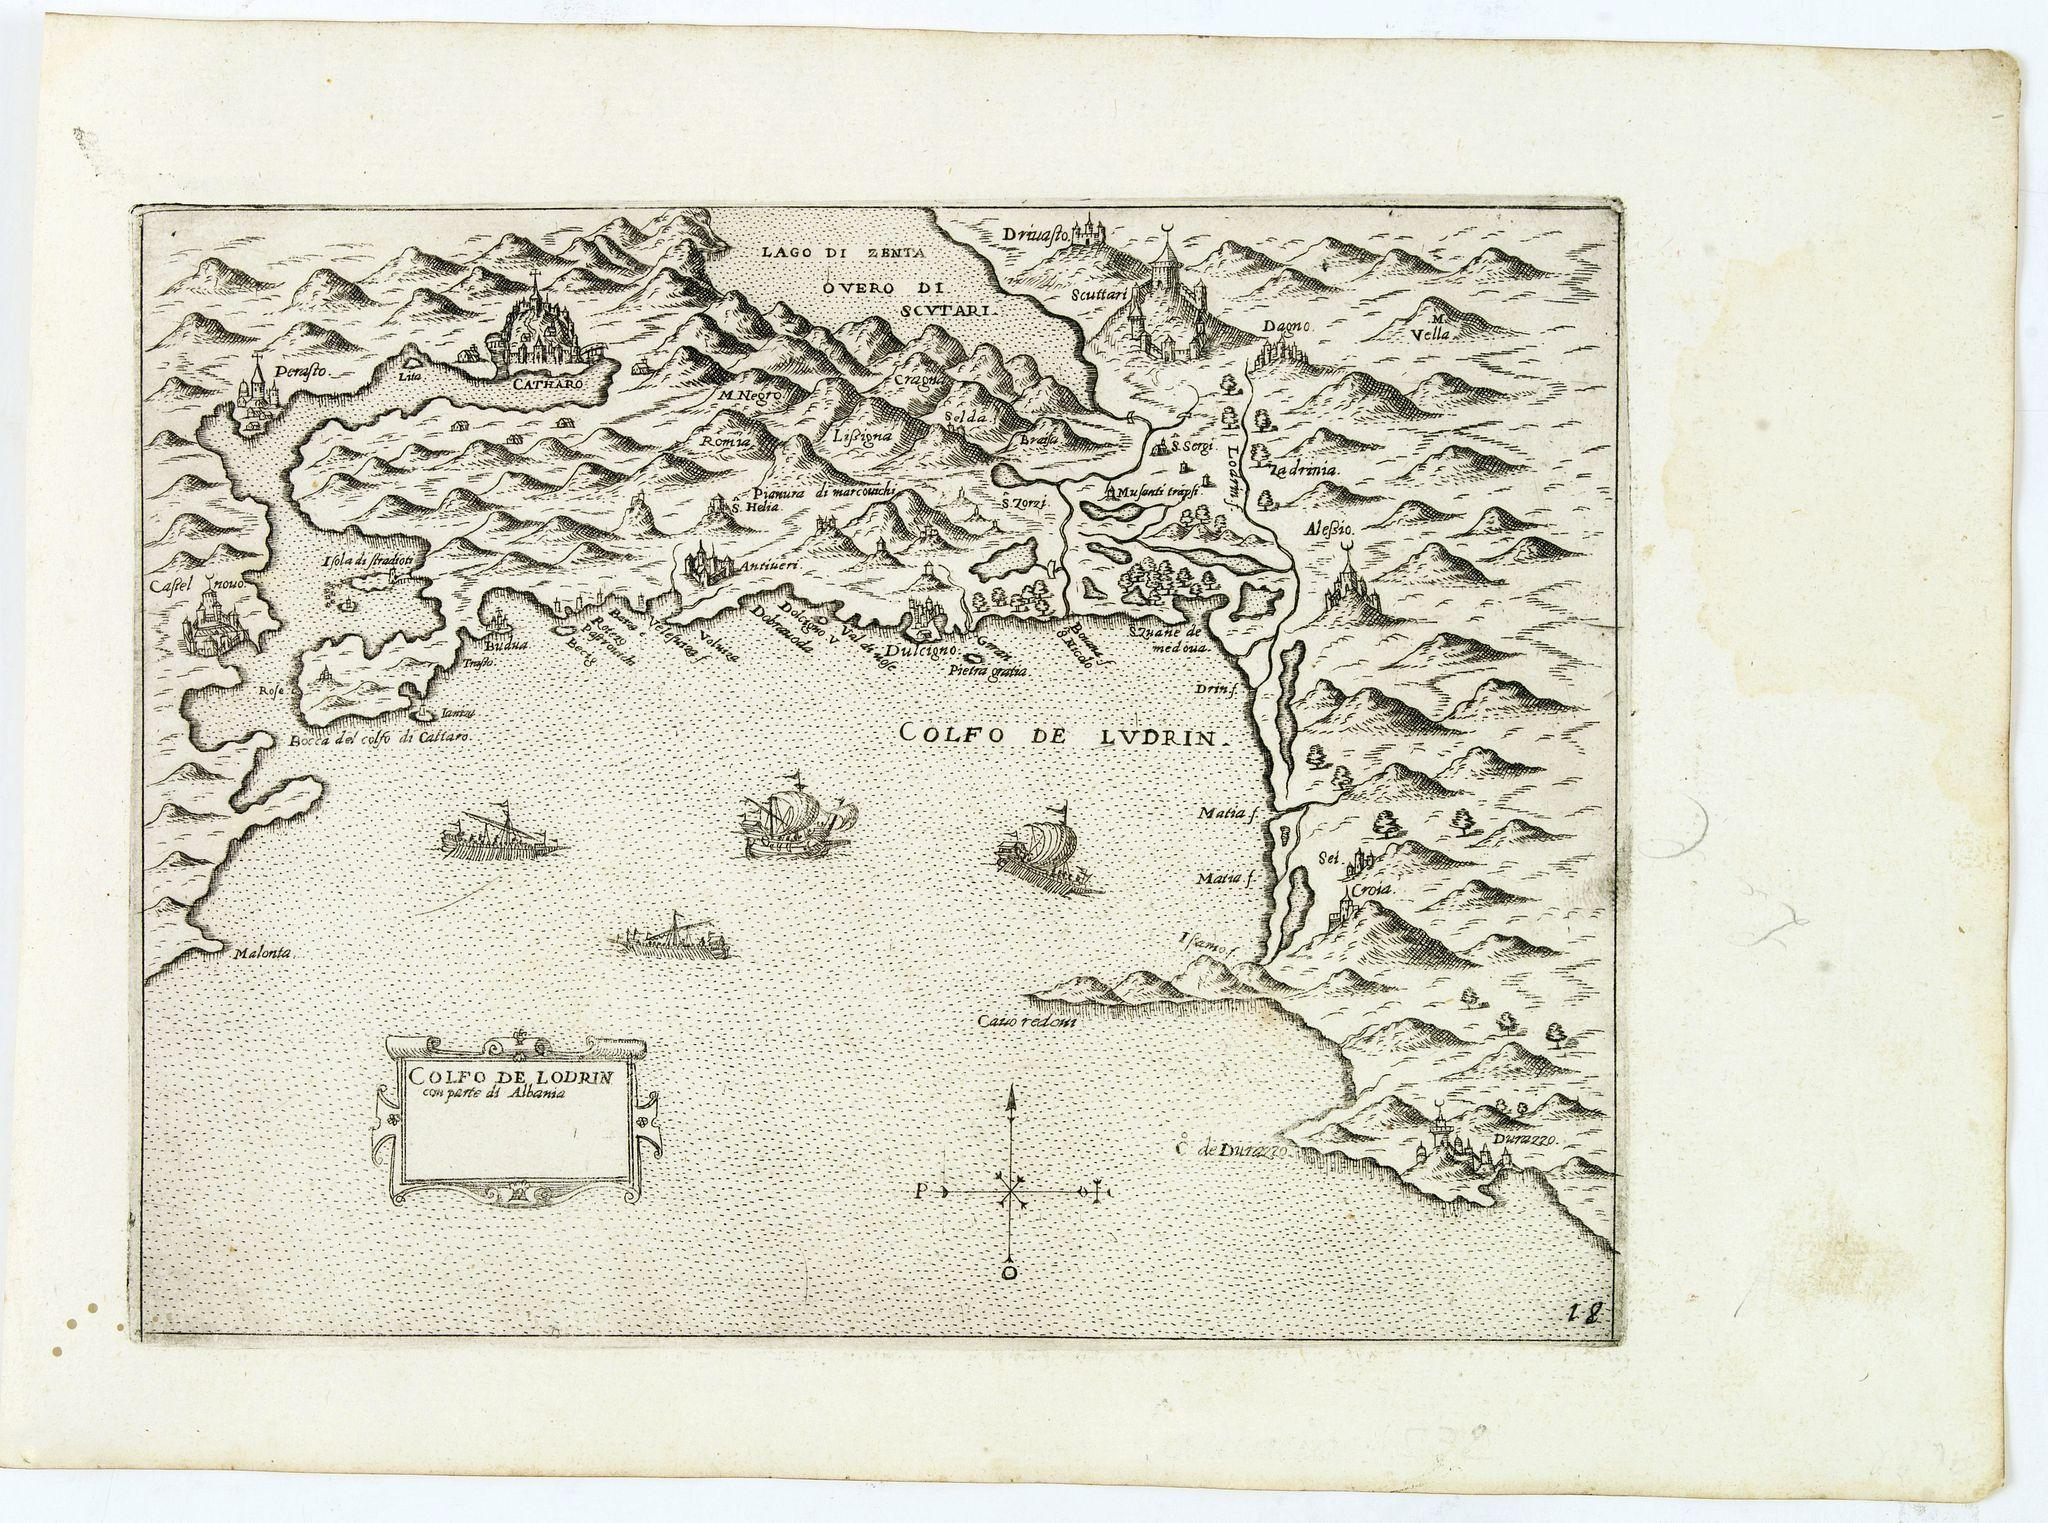 CAMOCIO, G.F. -  Golfo de Lodrin con parte di Albania.